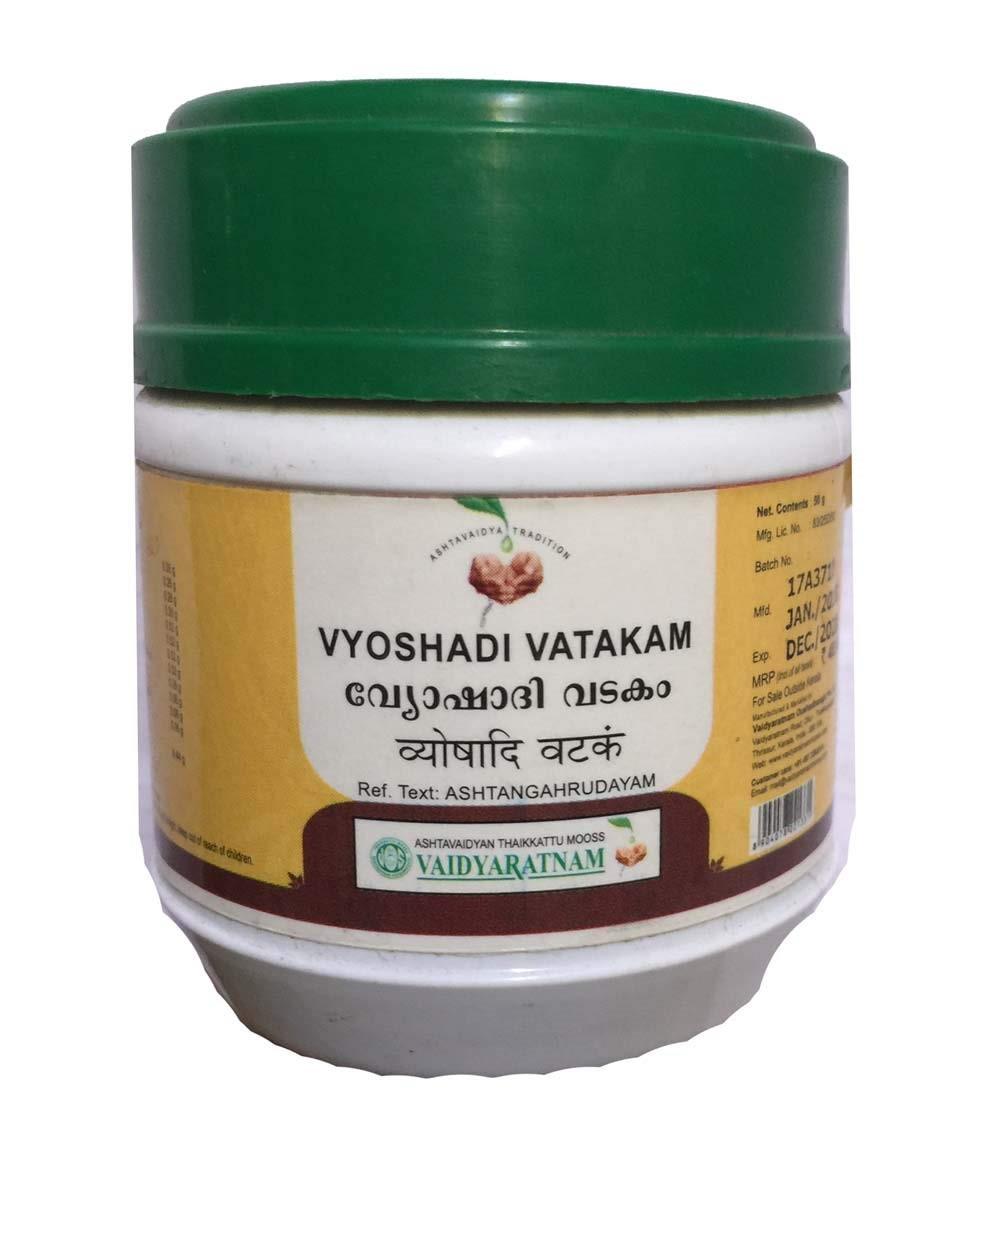 Vaidyaratnam - Vyoshadi vatakam